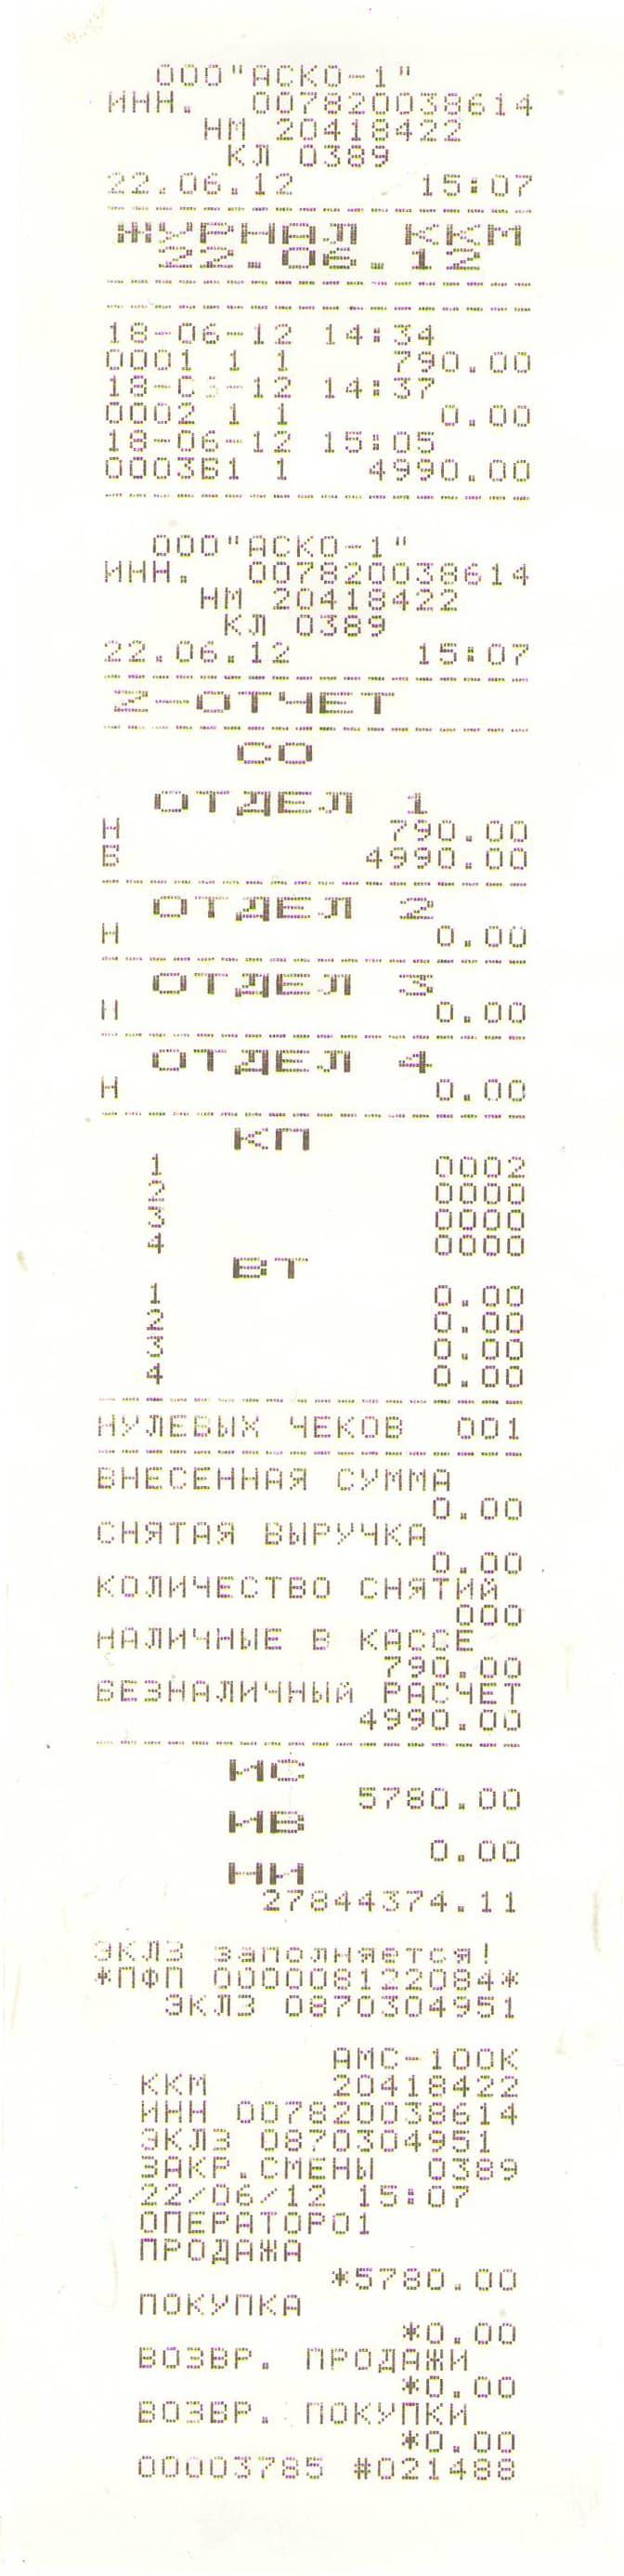 Кассовый Аппарат Ока Пф Kz Инструкция